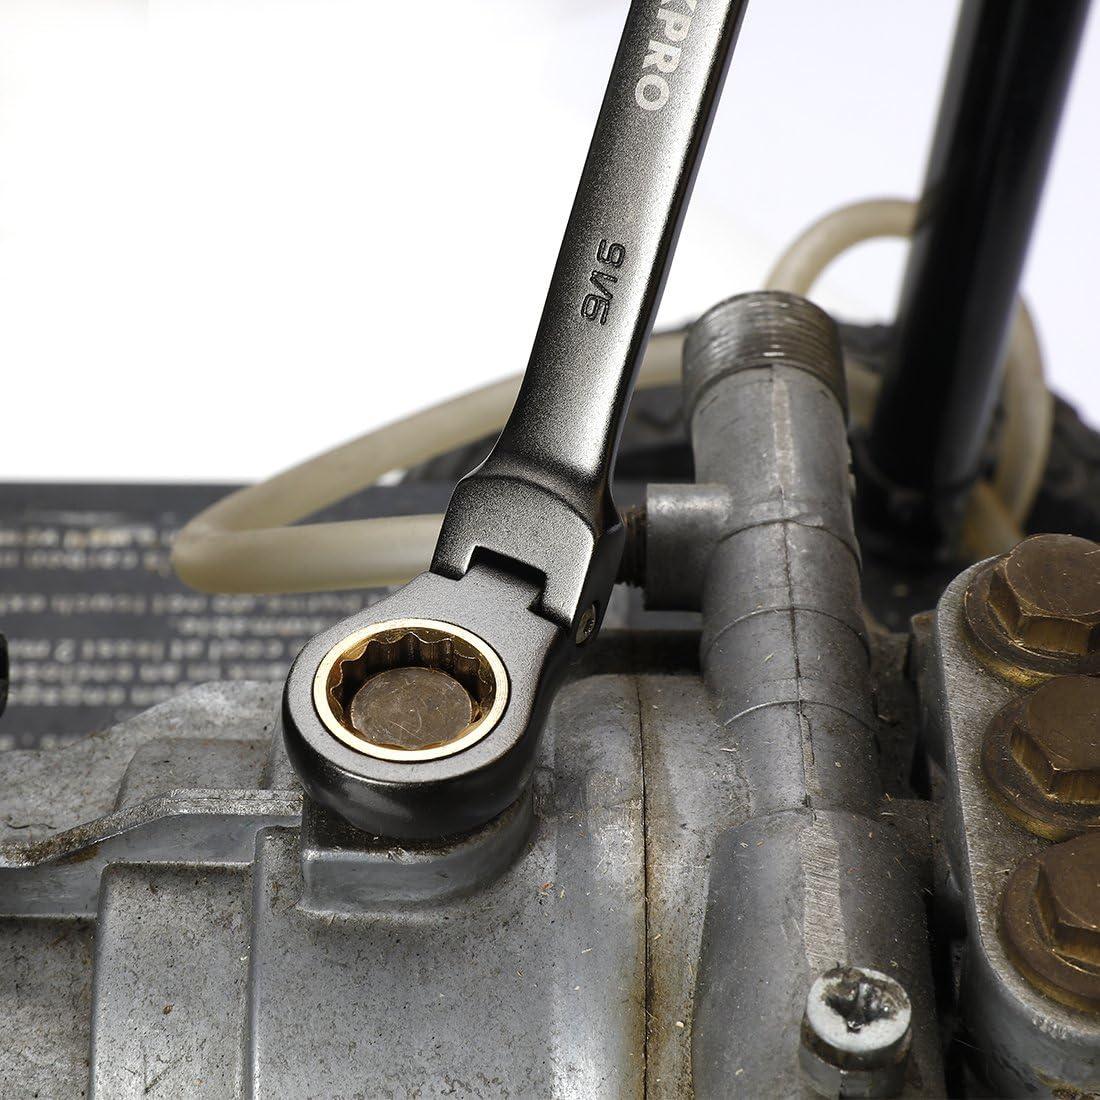 Victoy 8-19 mm 8 mm Llave combinada de carraca